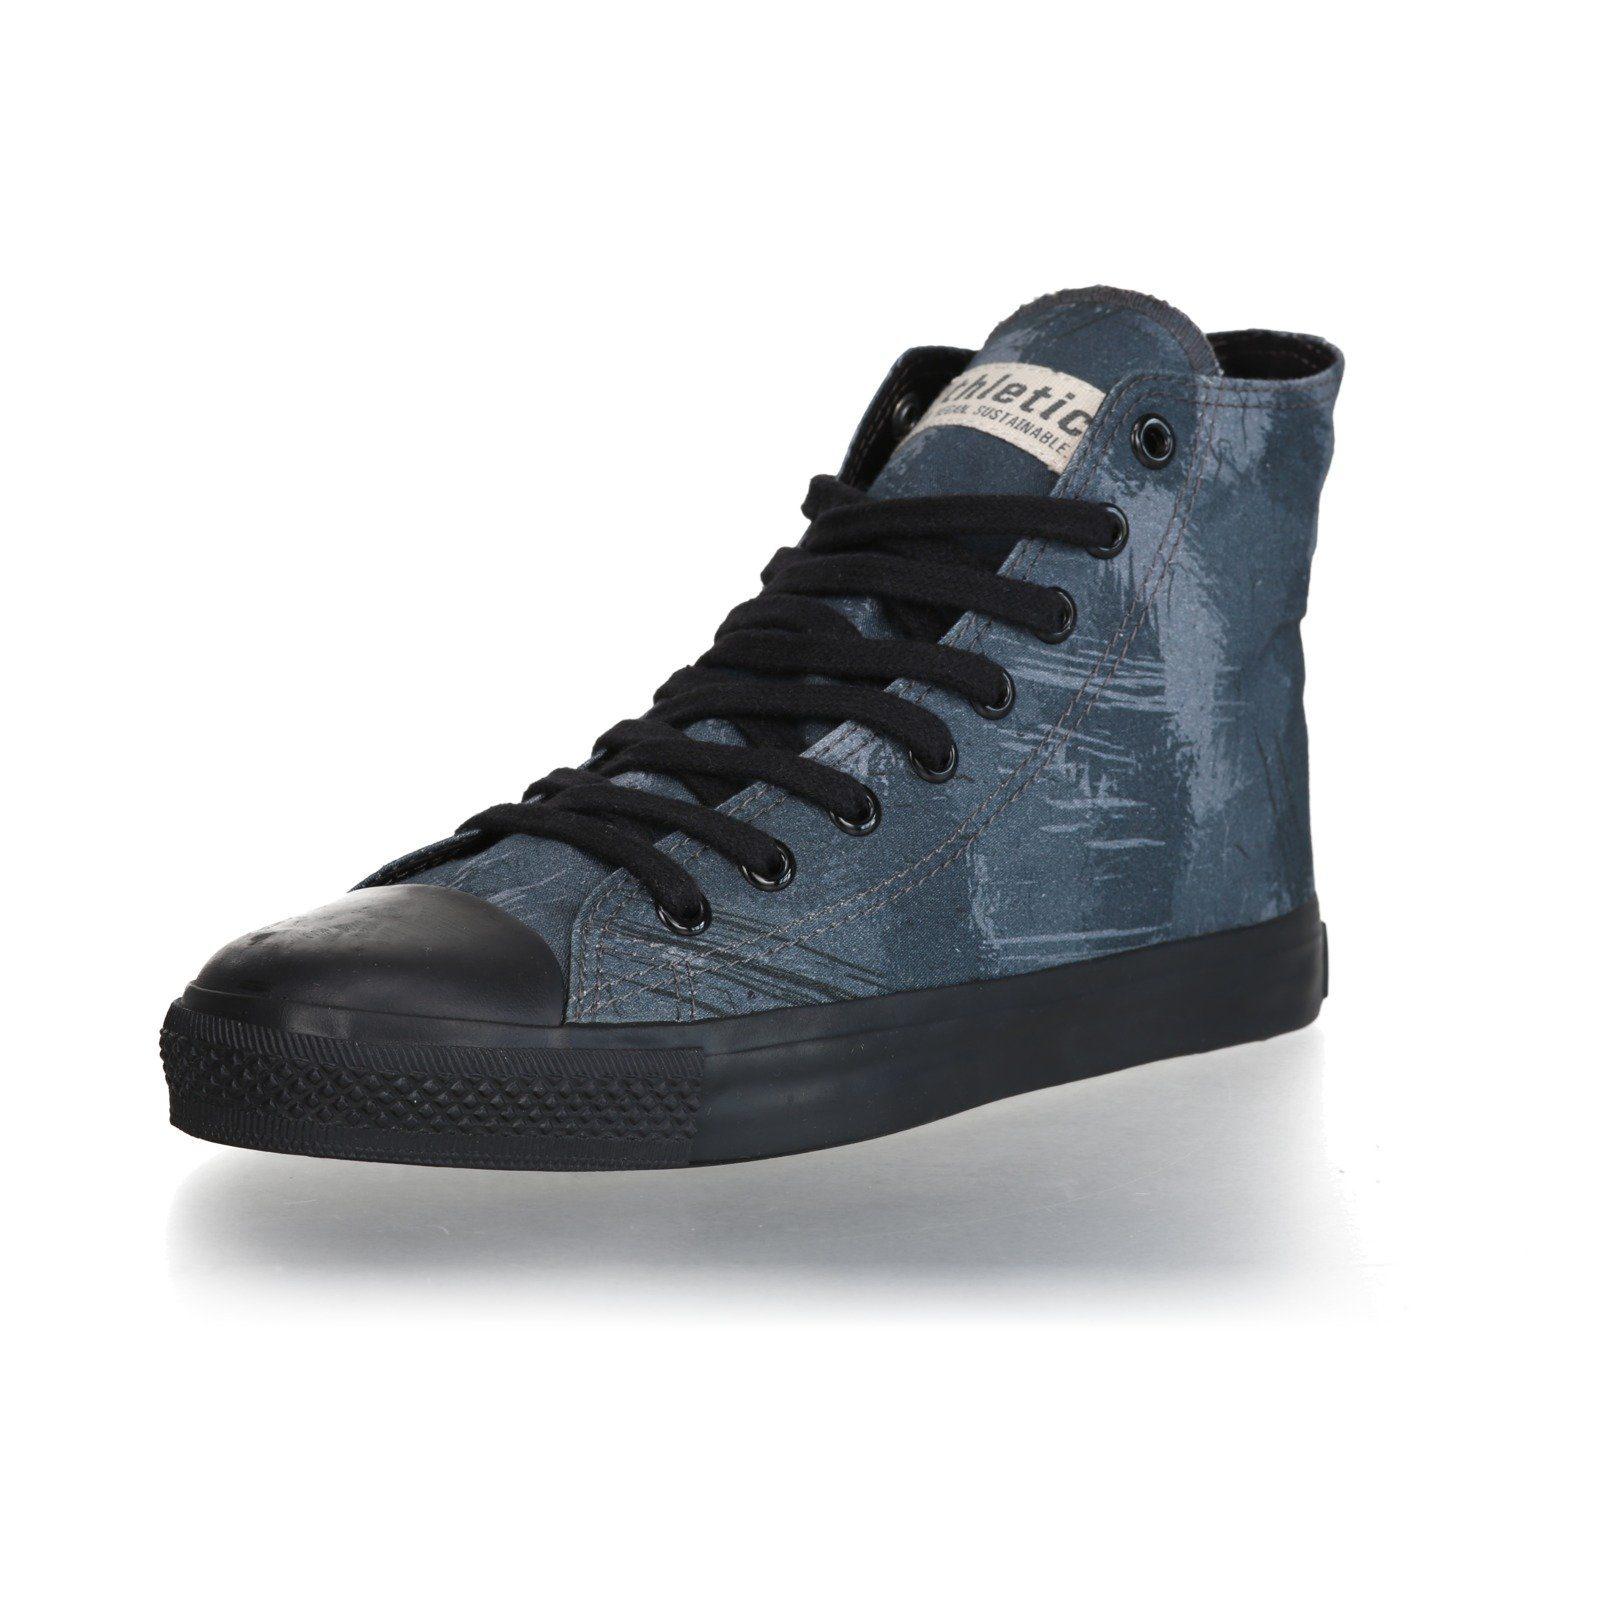 ETHLETIC Sneaker aus nachhaltiger und fairer Produktion Black Cap Hi Cut Collection 18 online kaufen  Dove Camo Indigo | Jet Bl